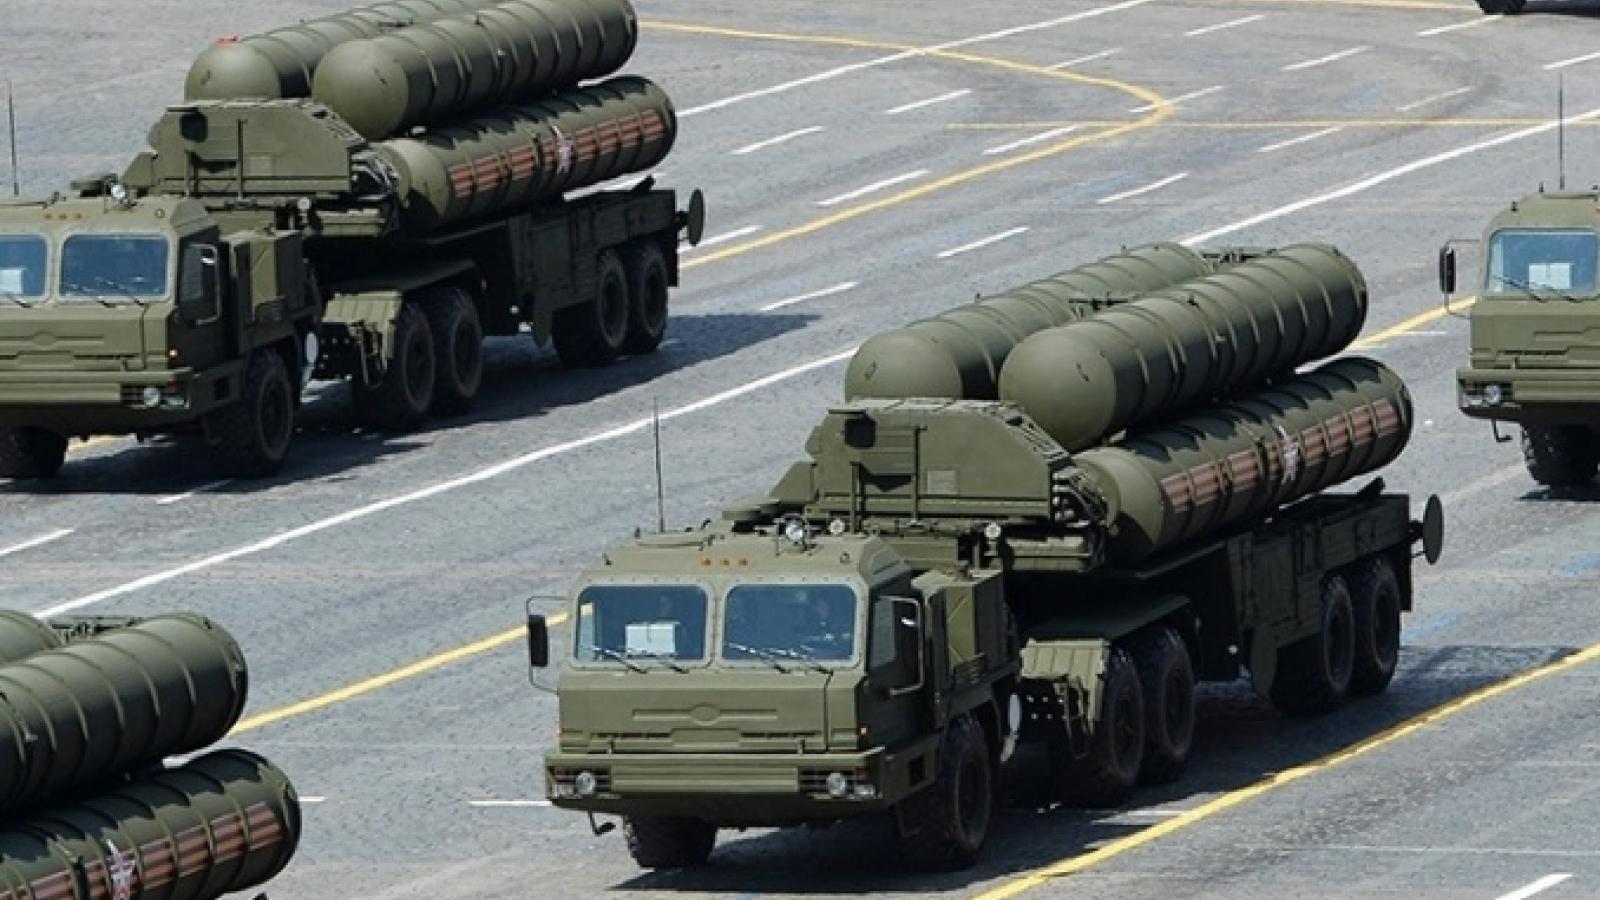 Nga sẽ chuyển giao hệ thống S-400 đầu tiên cho Ấn Độ vào cuối năm 2021